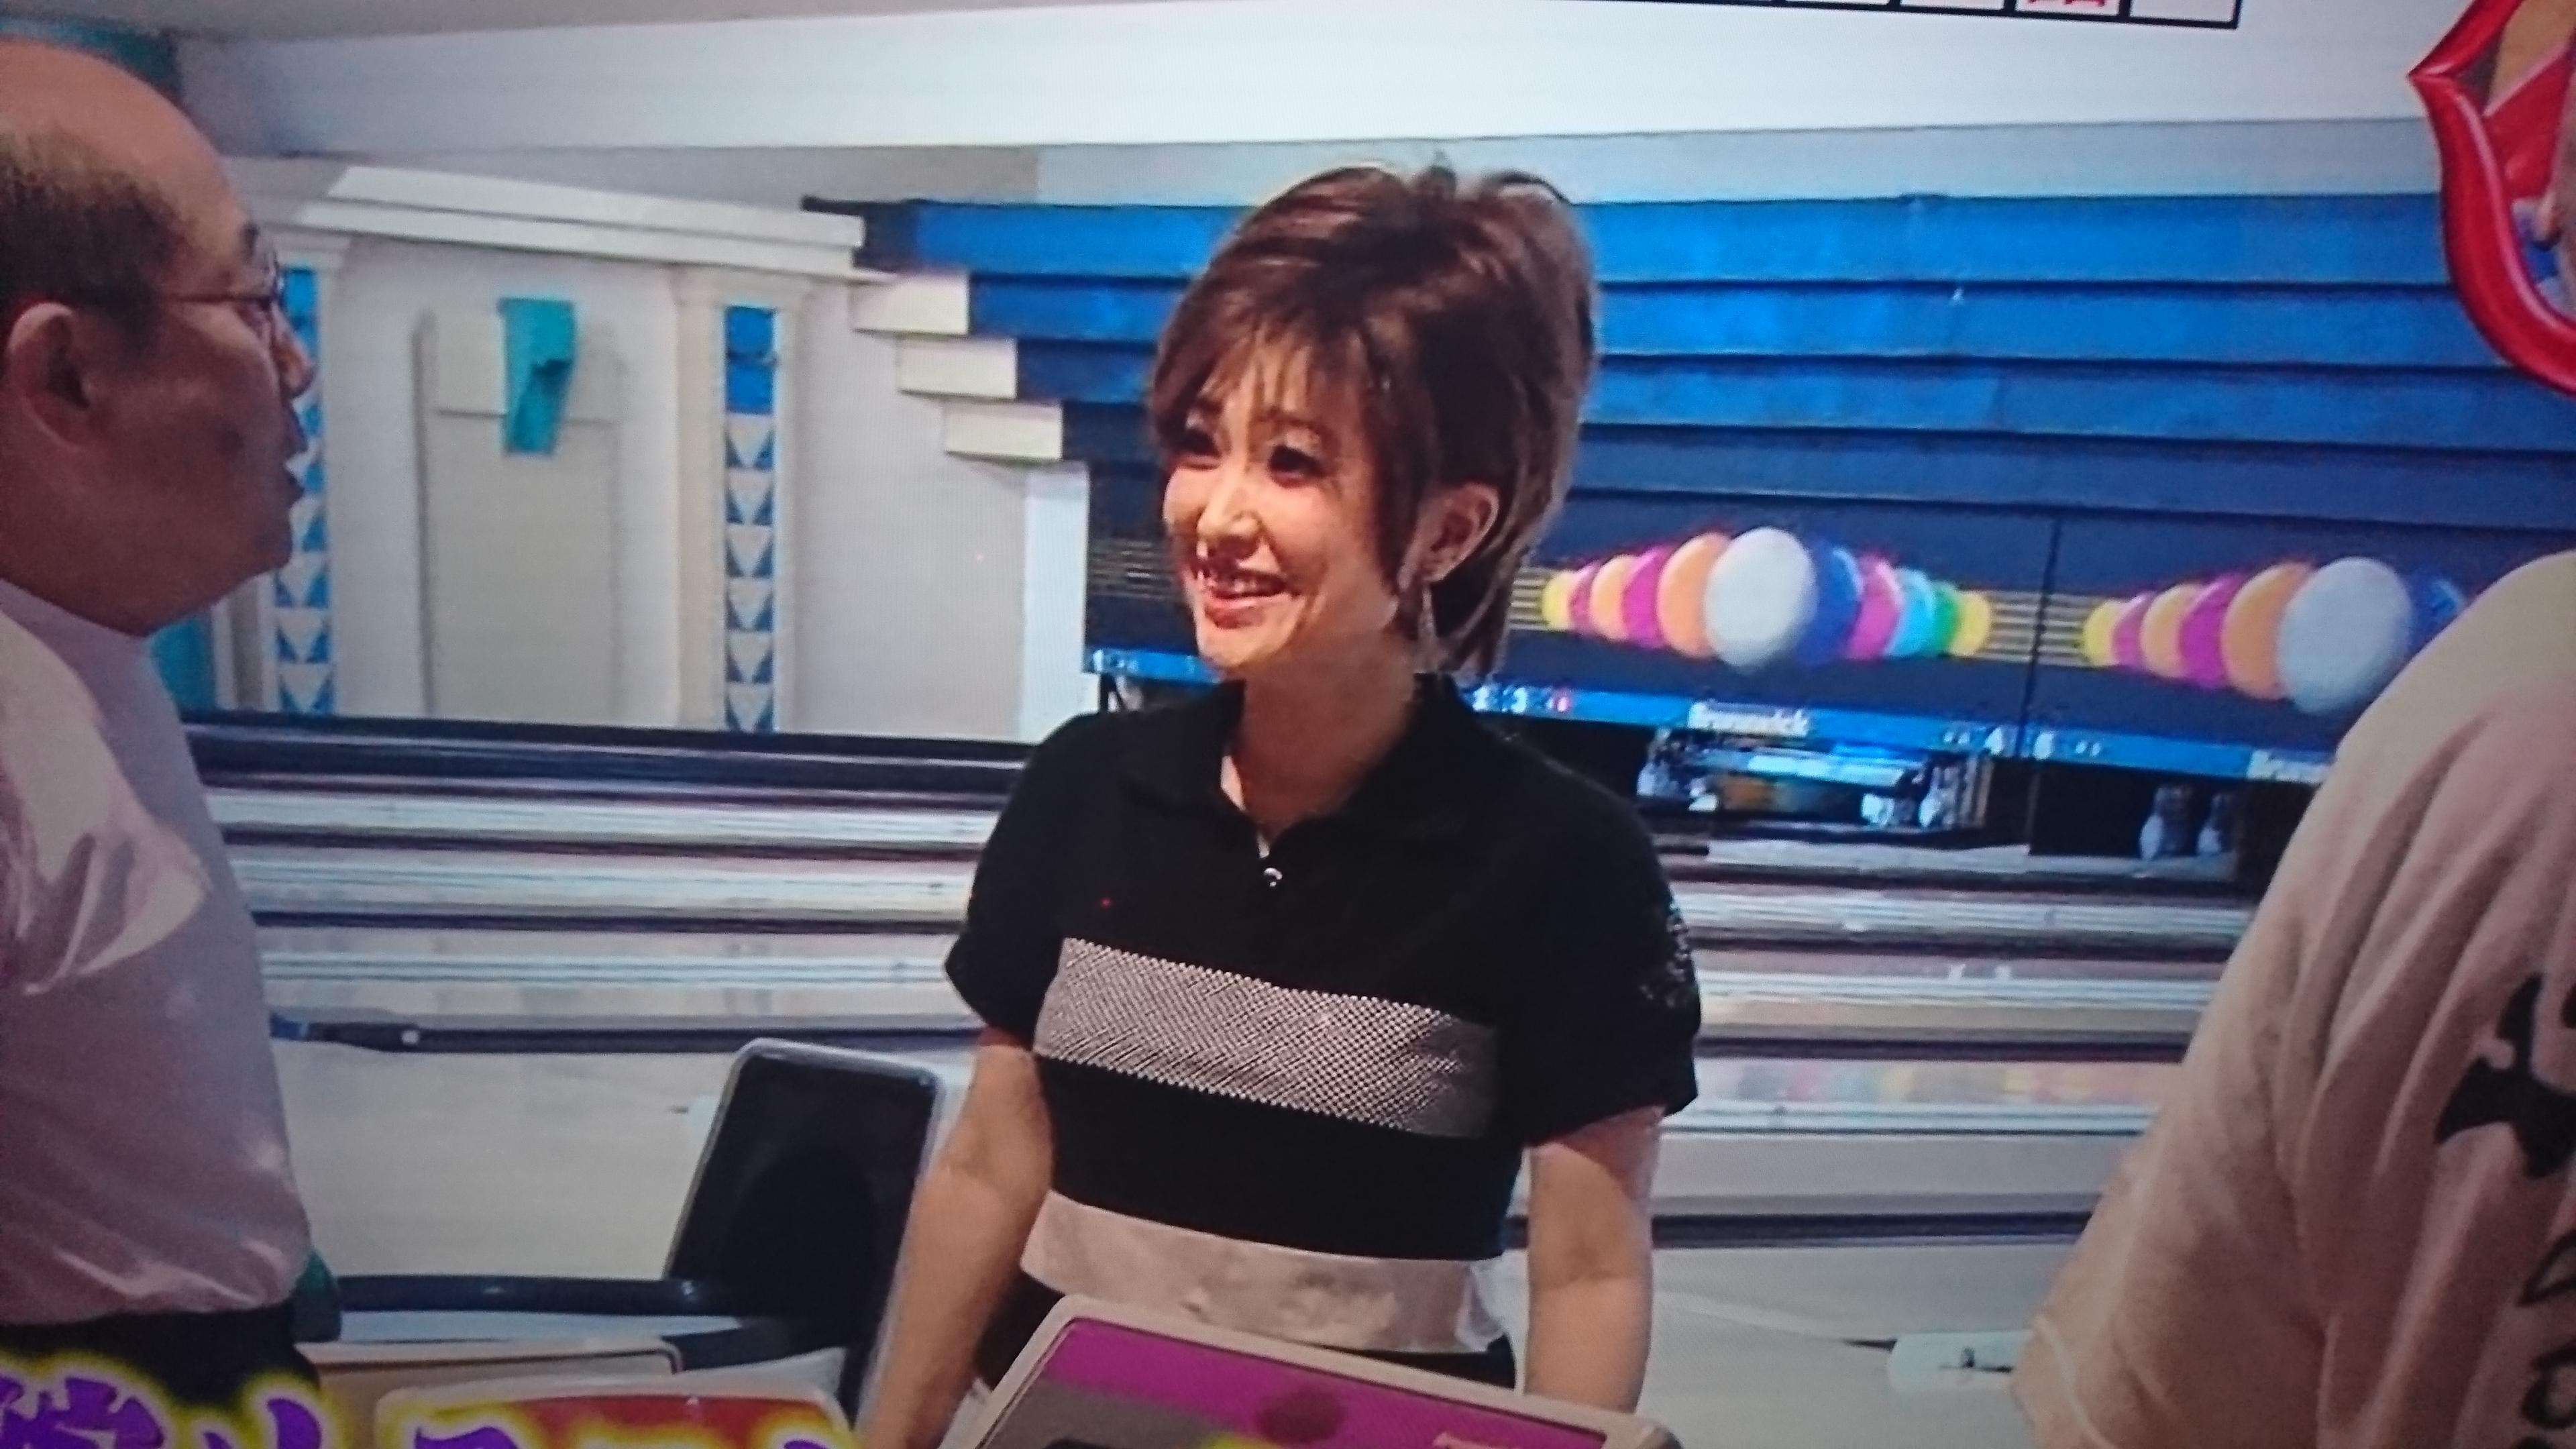 山口かおる桐谷さん23年越し恋の女性歌手顔画像やwiki